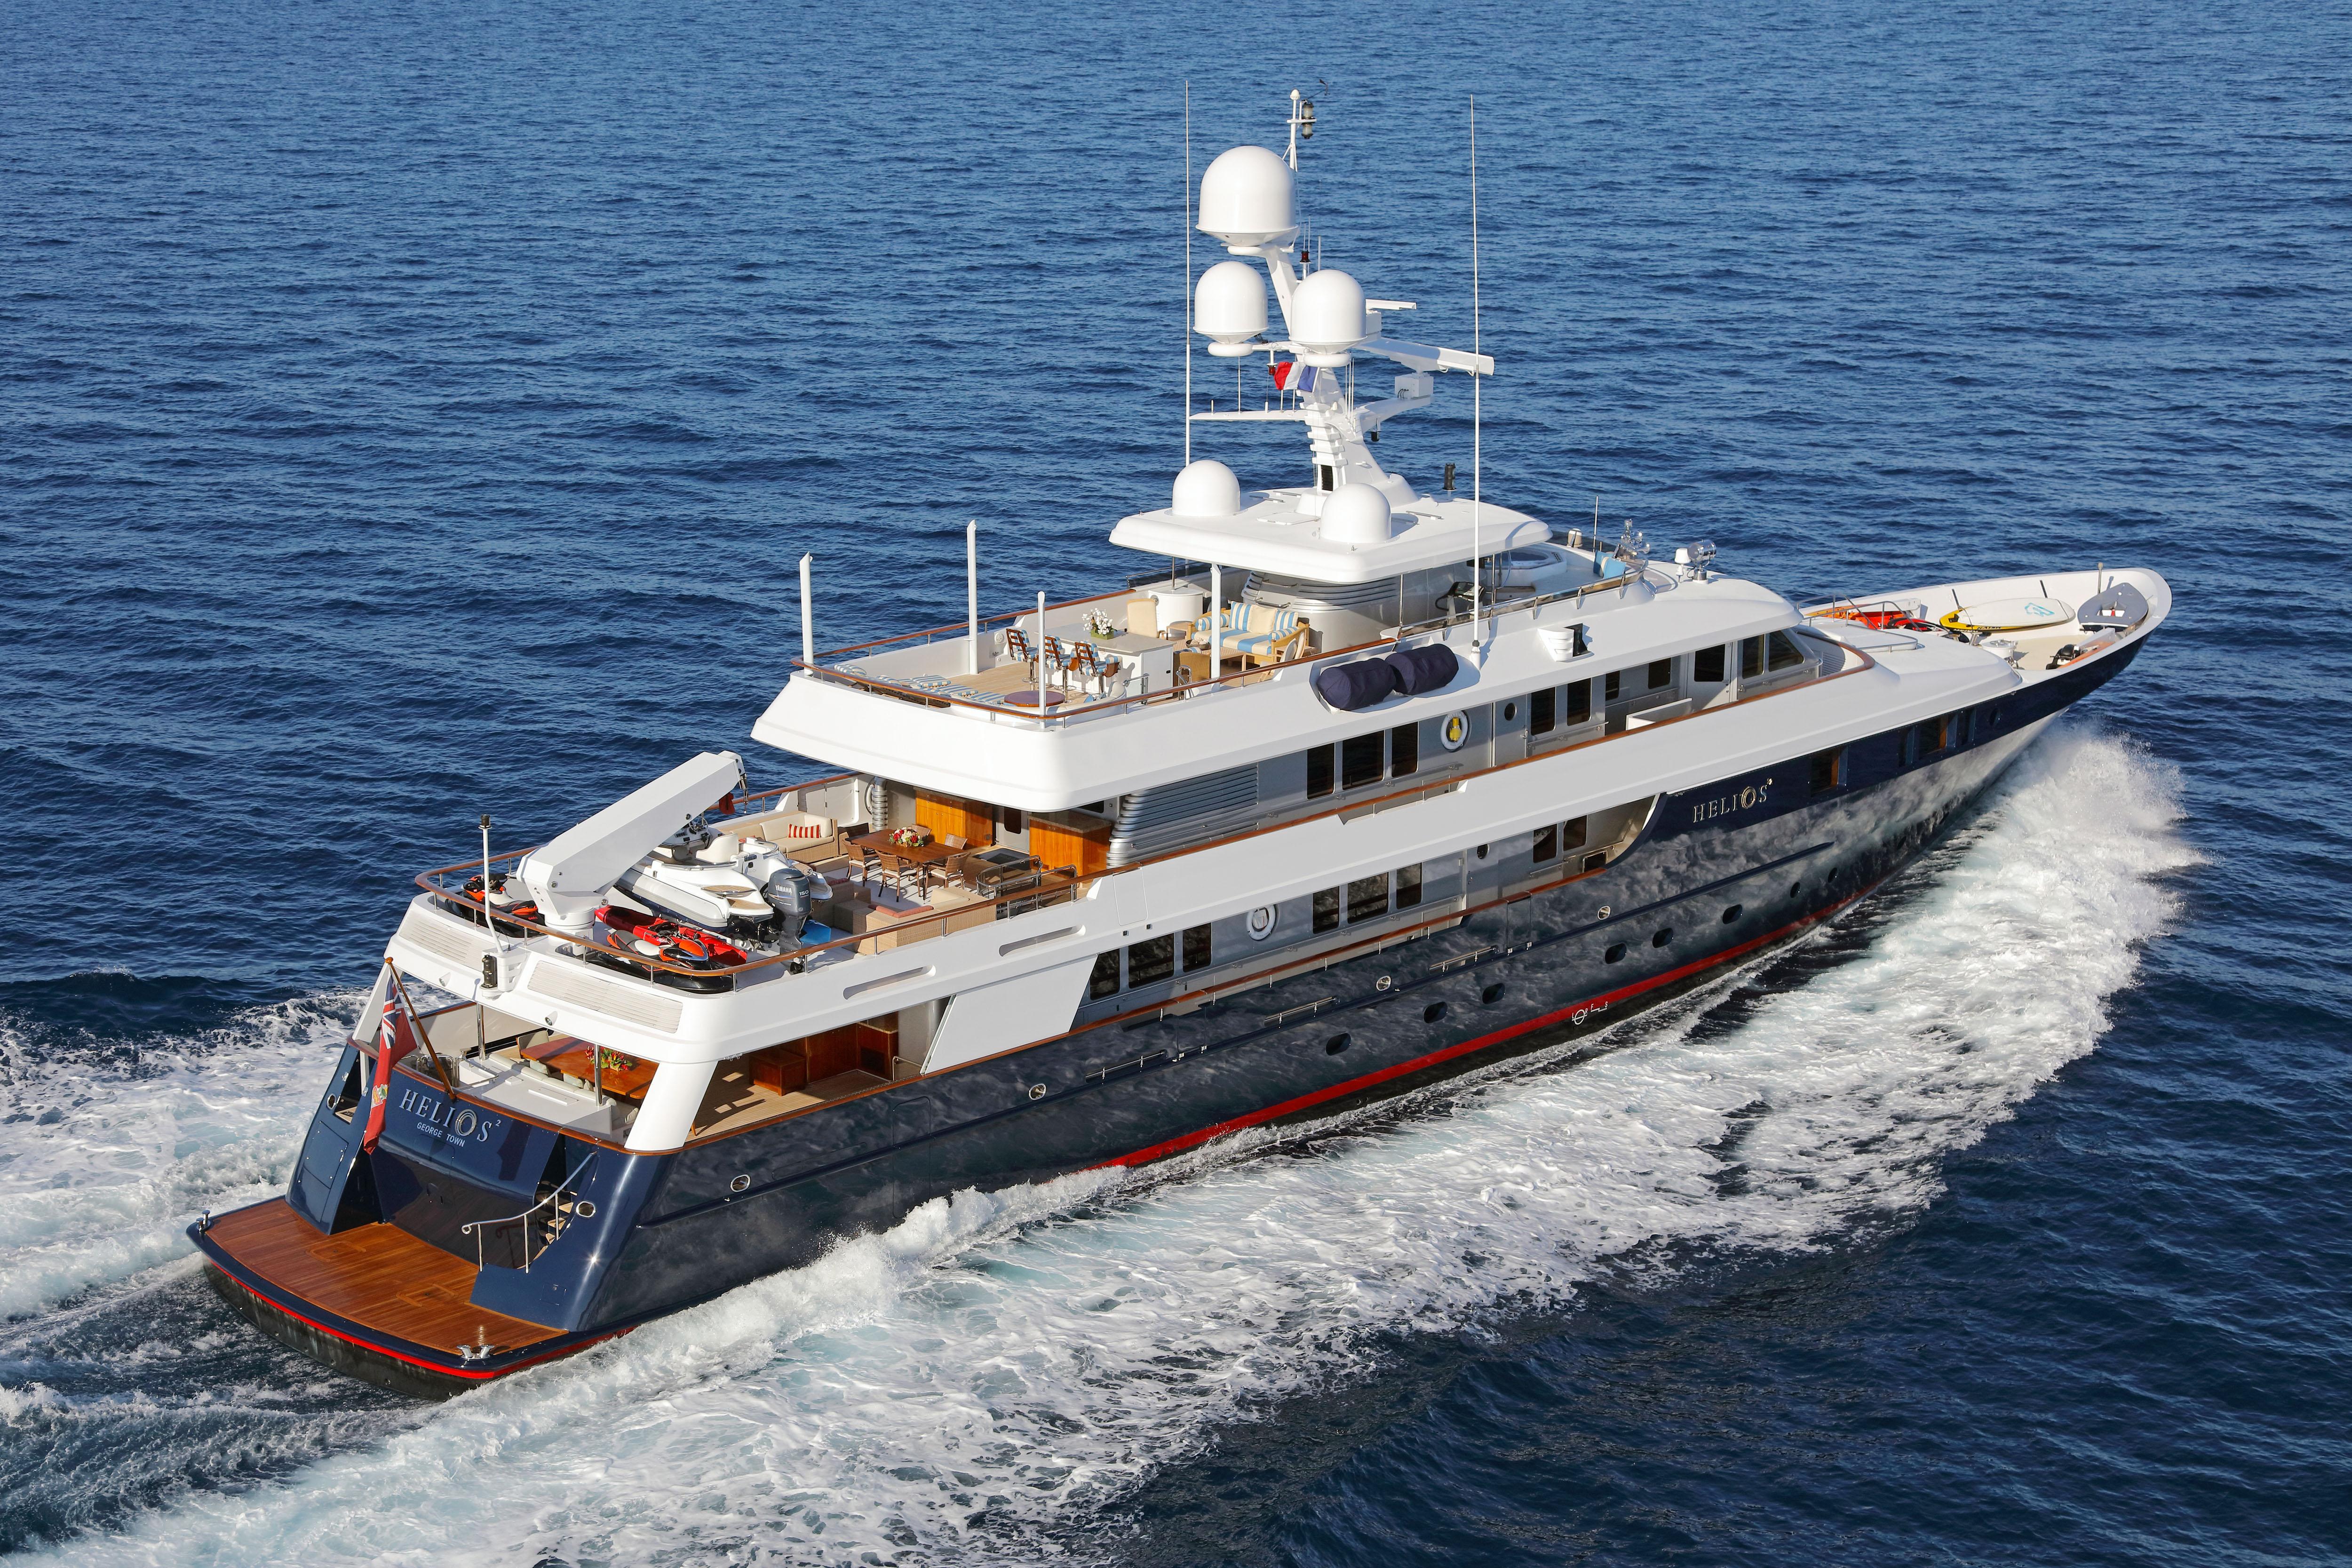 Helios 2 Mega Yacht